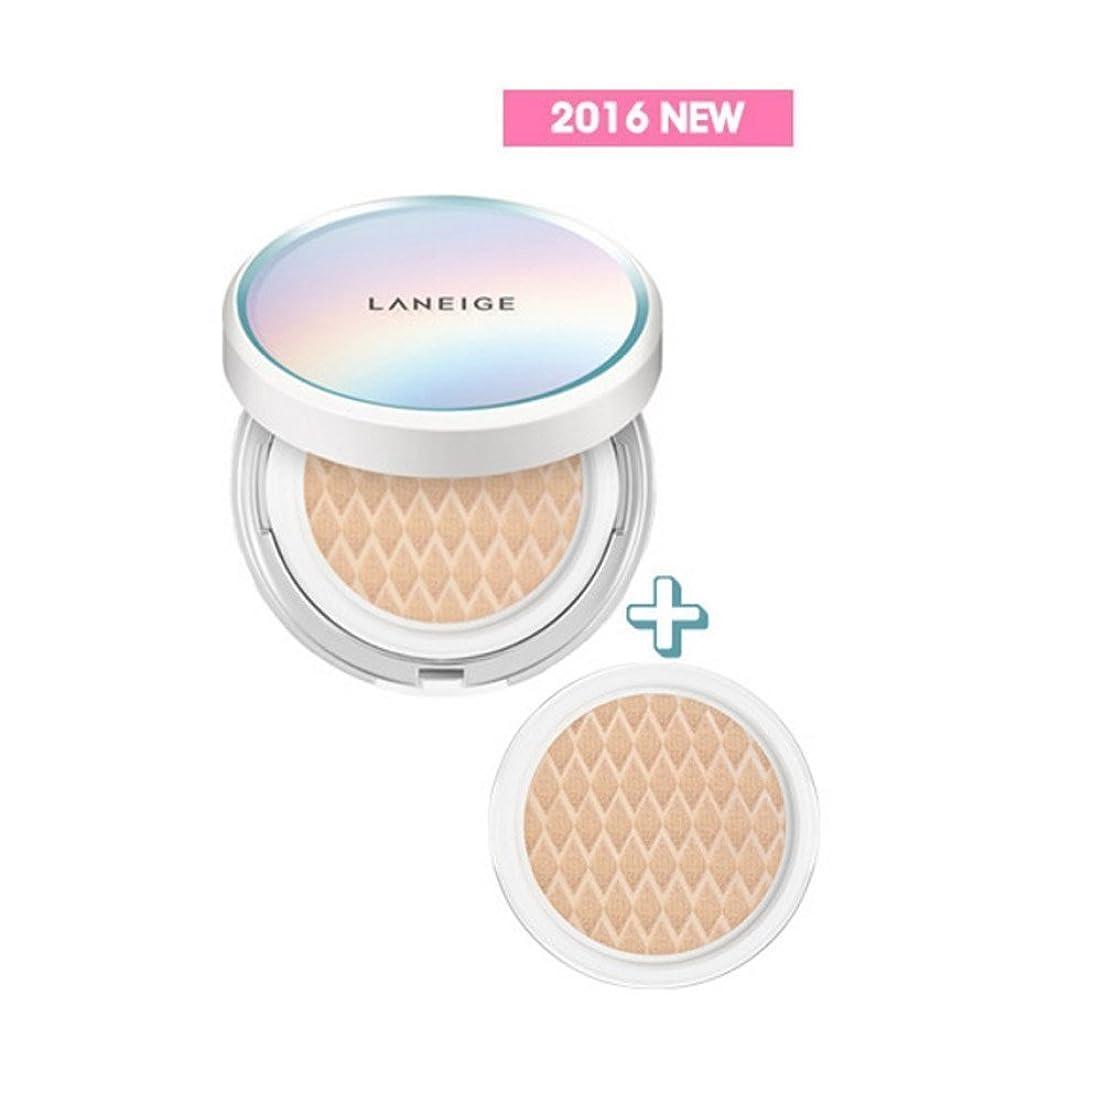 望ましいテクニカルに賛成LANEIGE BB Cushion [Pore Control] 15g + Refill 15g/ラネージュ BBクッション [ポアコントロール] 15g + リフィル 15g (#23C Cool Sand) [並行輸入品]